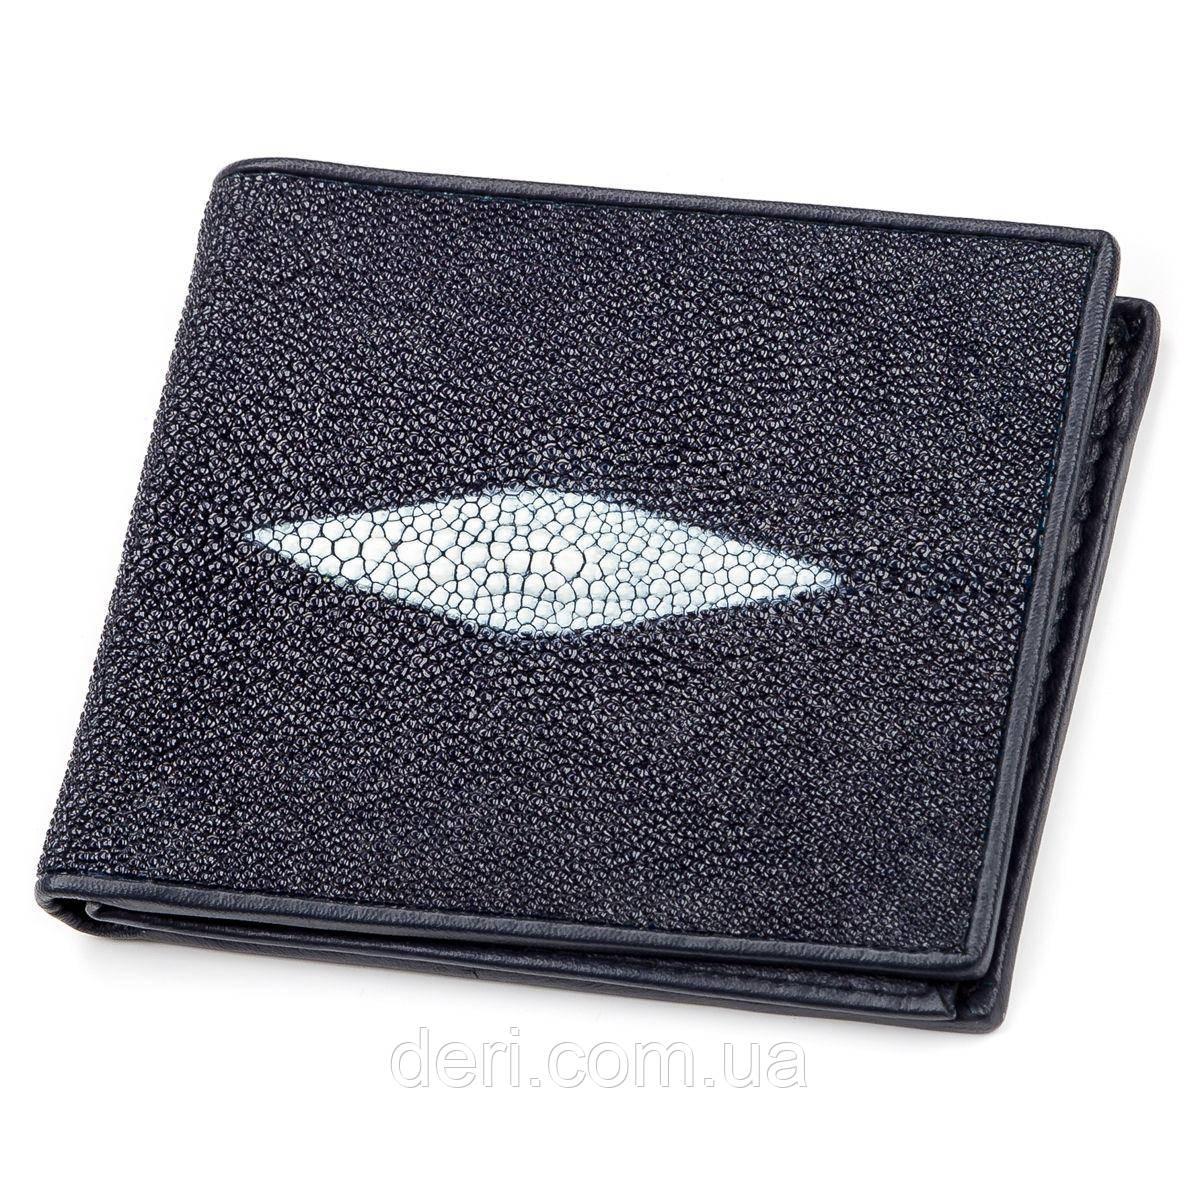 Портмоне мужское STINGRAY LEATHER из натуральной кожи морского ската Синее, Синий